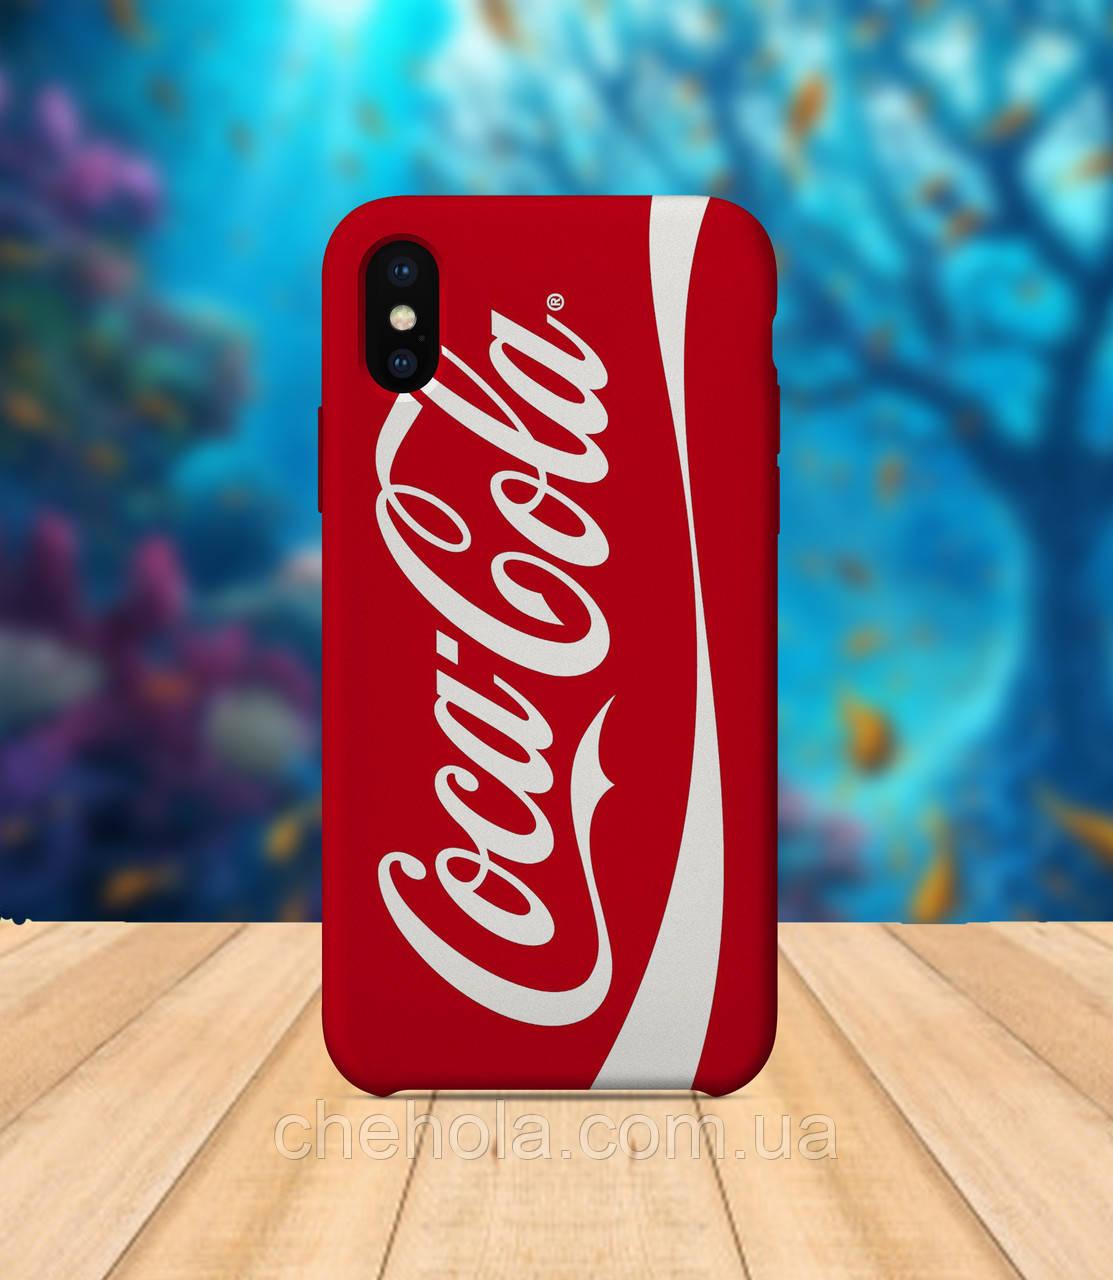 Чохол для apple iphone x XS max Coca Cola чохол з принтом